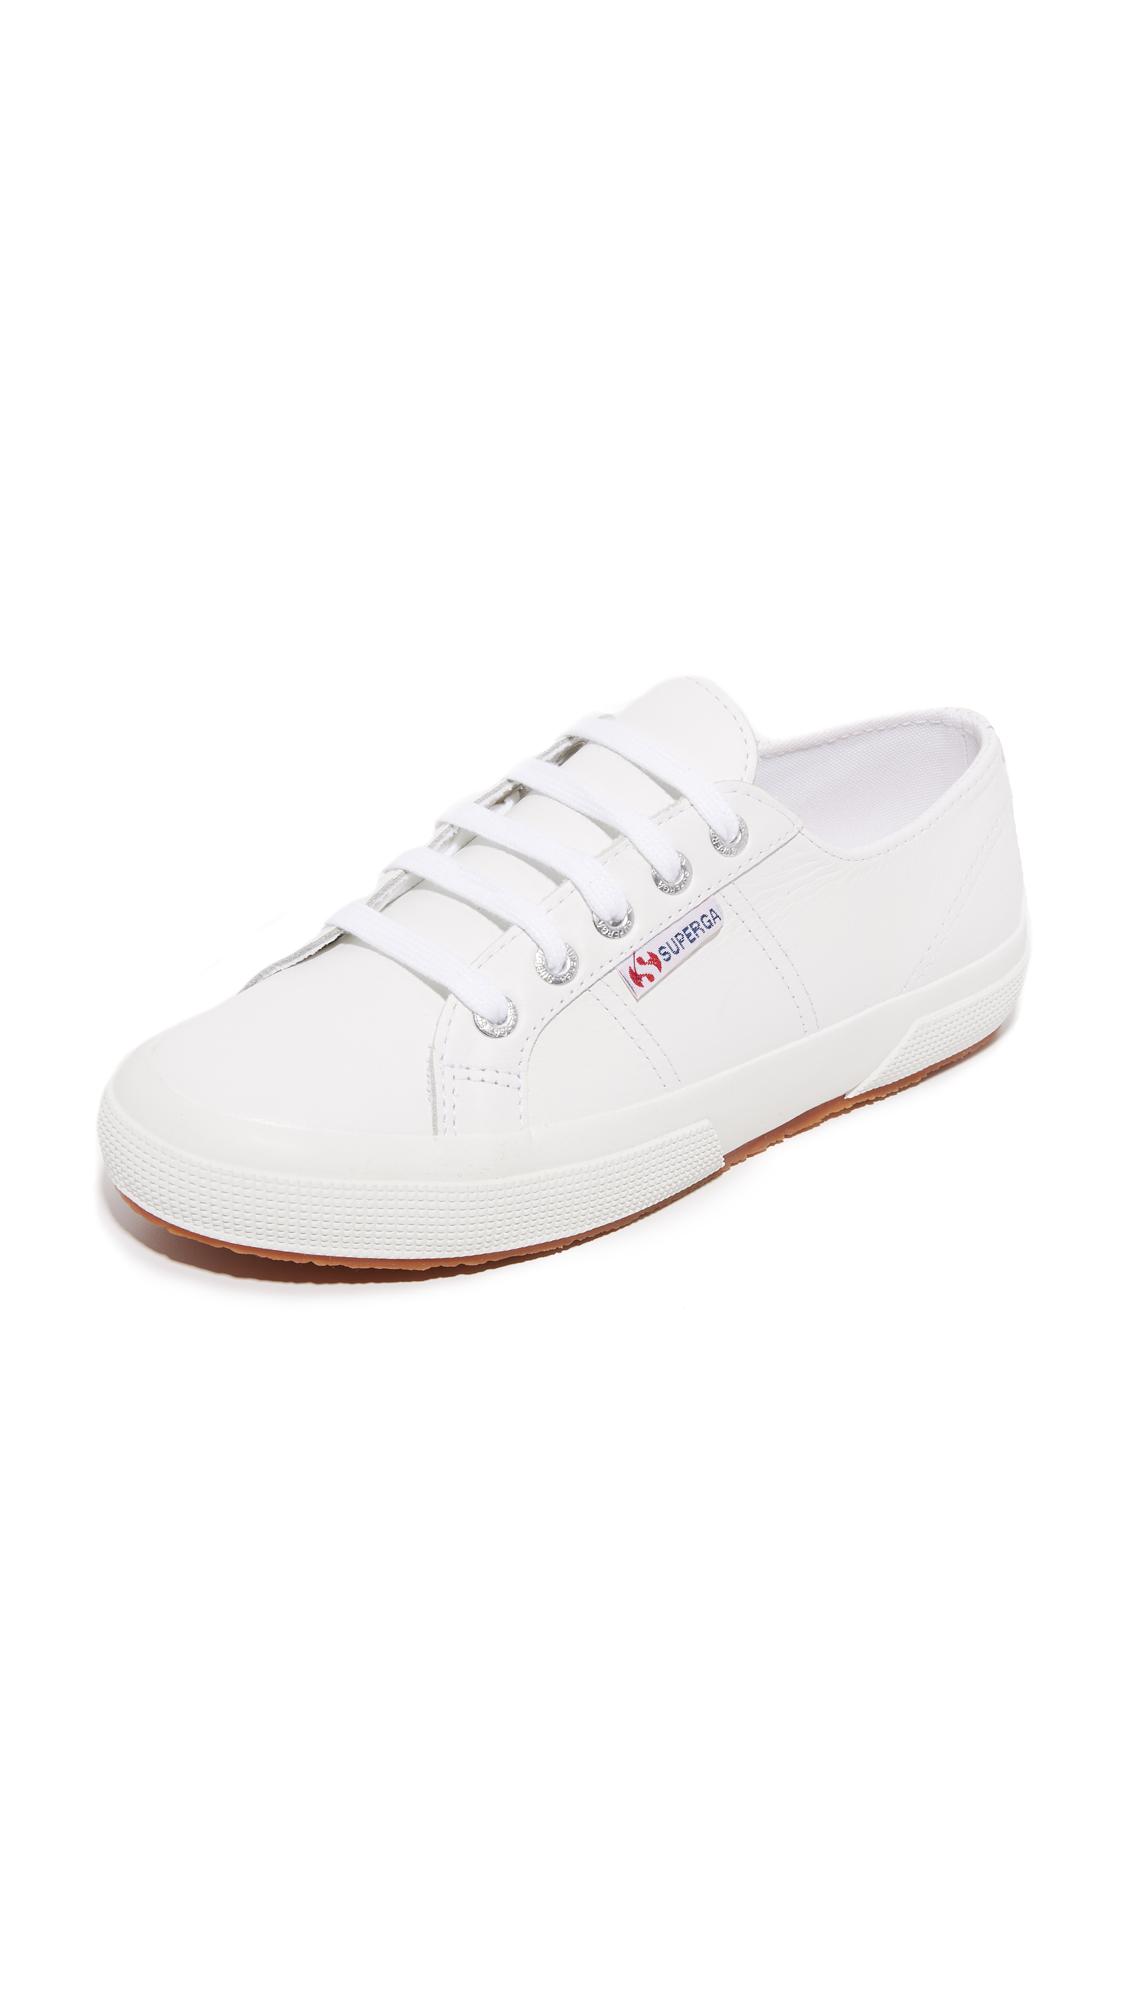 Superga 2750 FGLU Sneakers - White